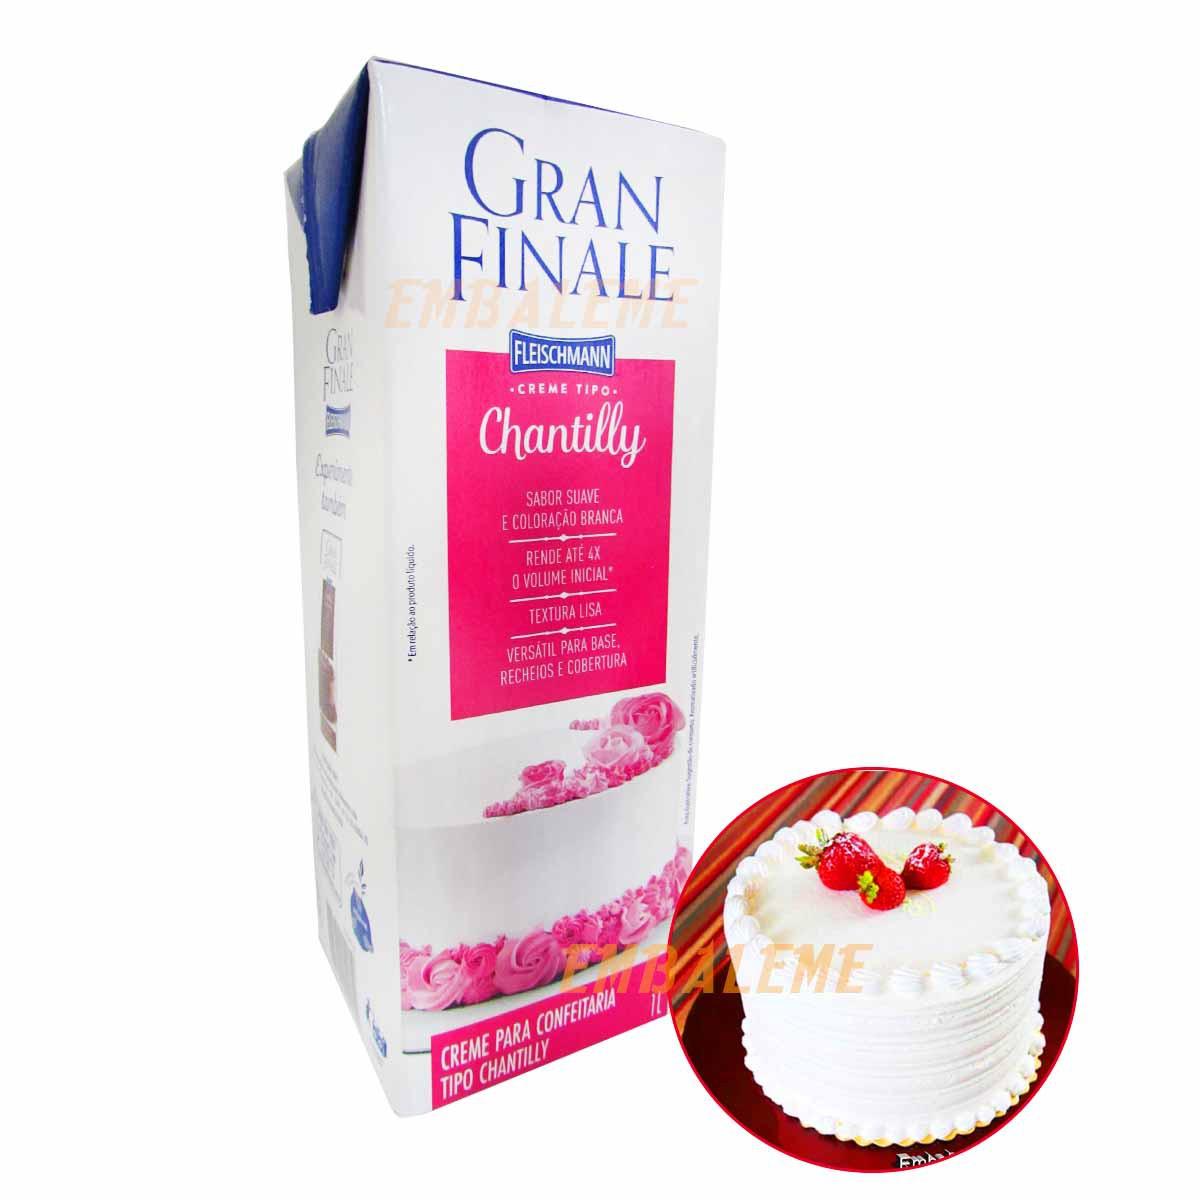 Chantilly Fleischmann Gran Finale 1litro